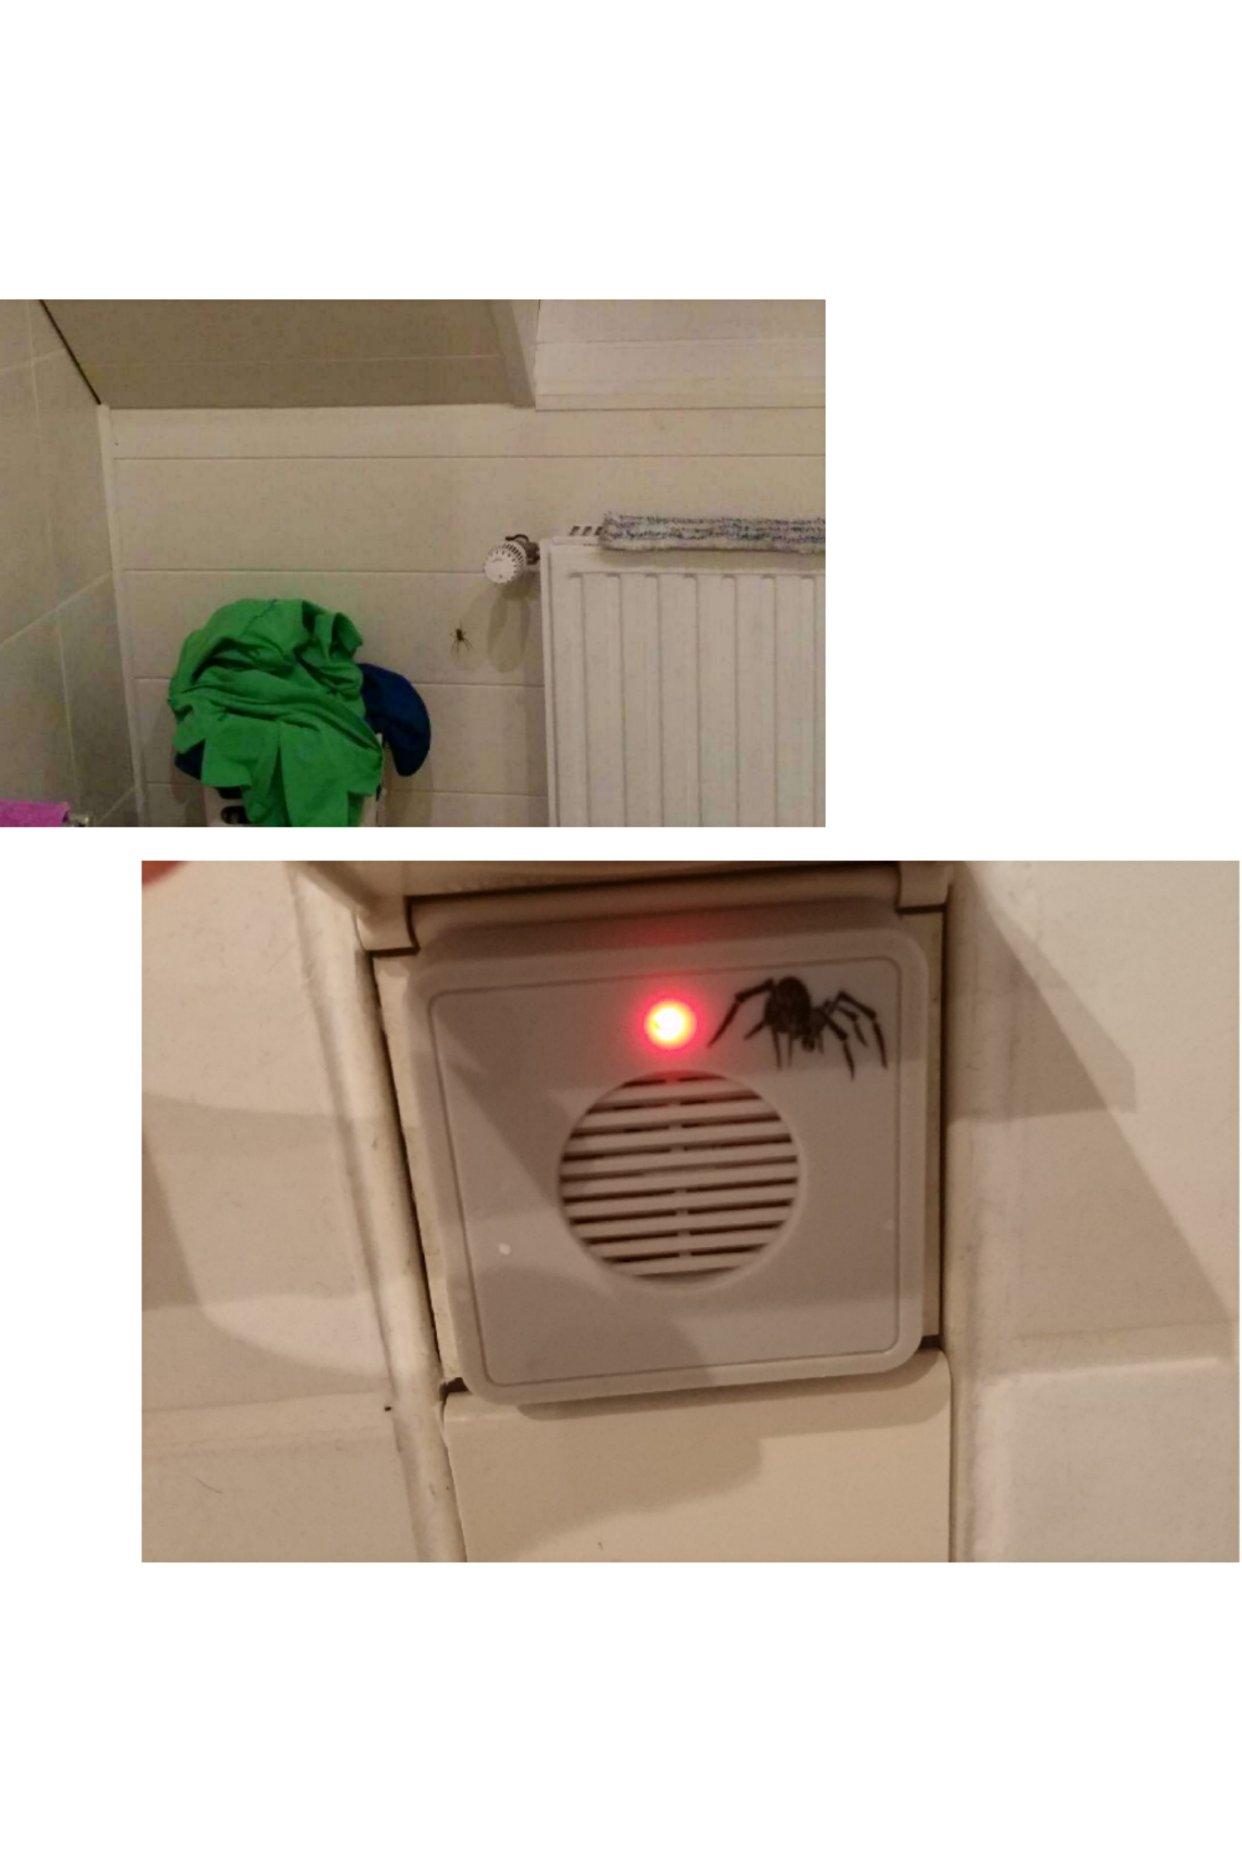 怎么德国那么多蜘蛛?!